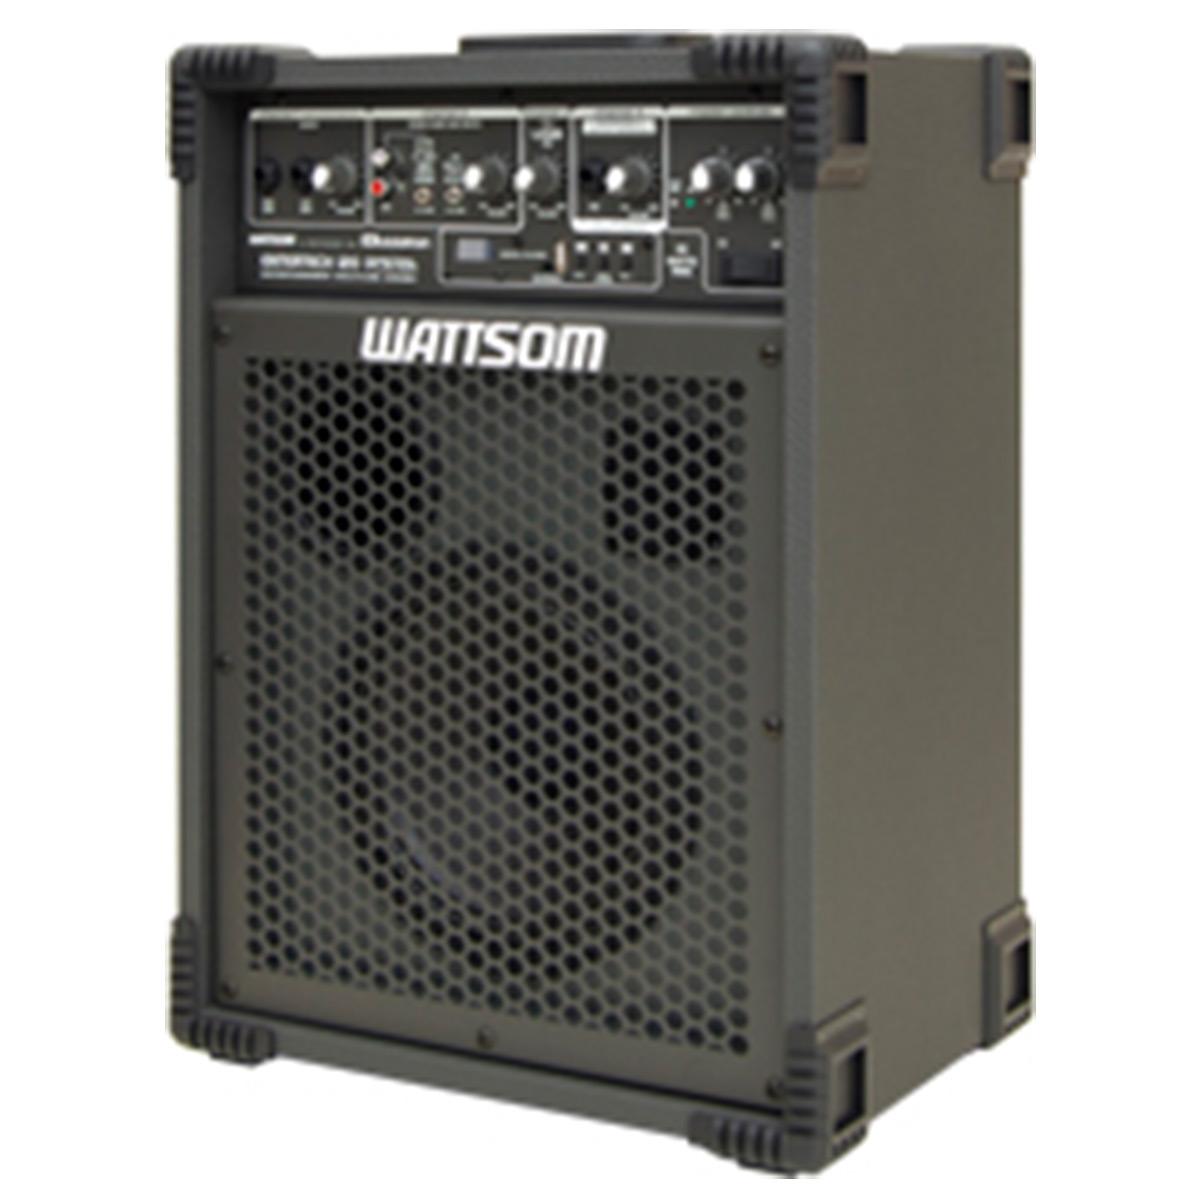 120DP - Cubo Multiuso Ativo 30W c/ USB Entertech 120 DP - Ciclotron